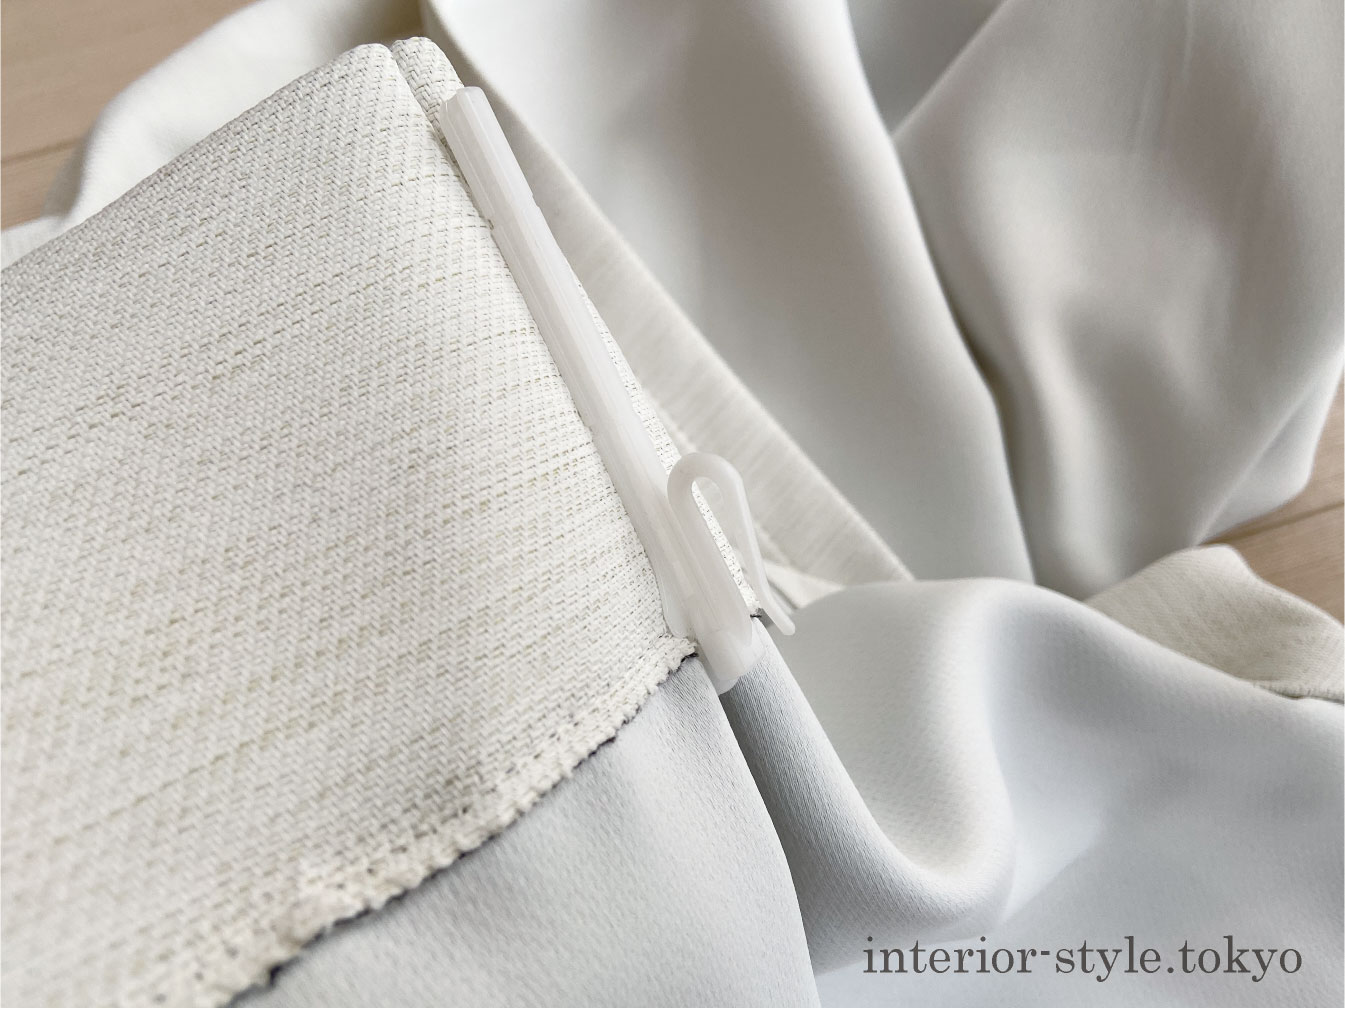 カーテンフックが付いたままのカーテン